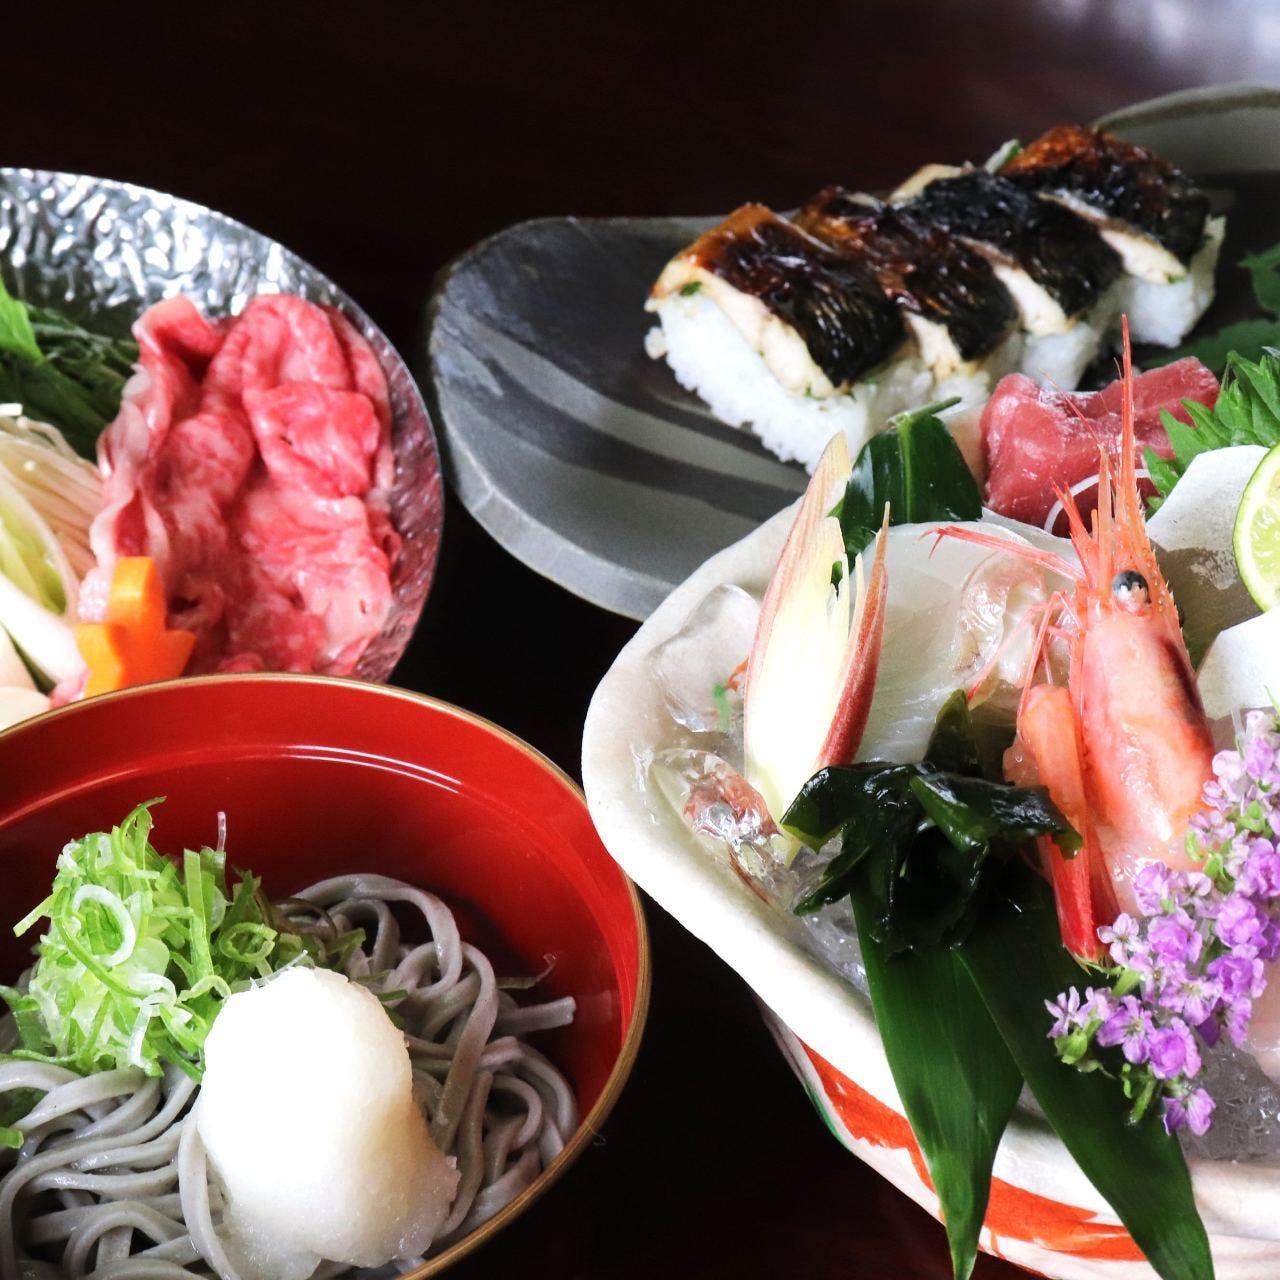 【接待に、観光に最適】当店のみで福井の味覚を堪能!福井の味覚食べ尽くしコース 4000円